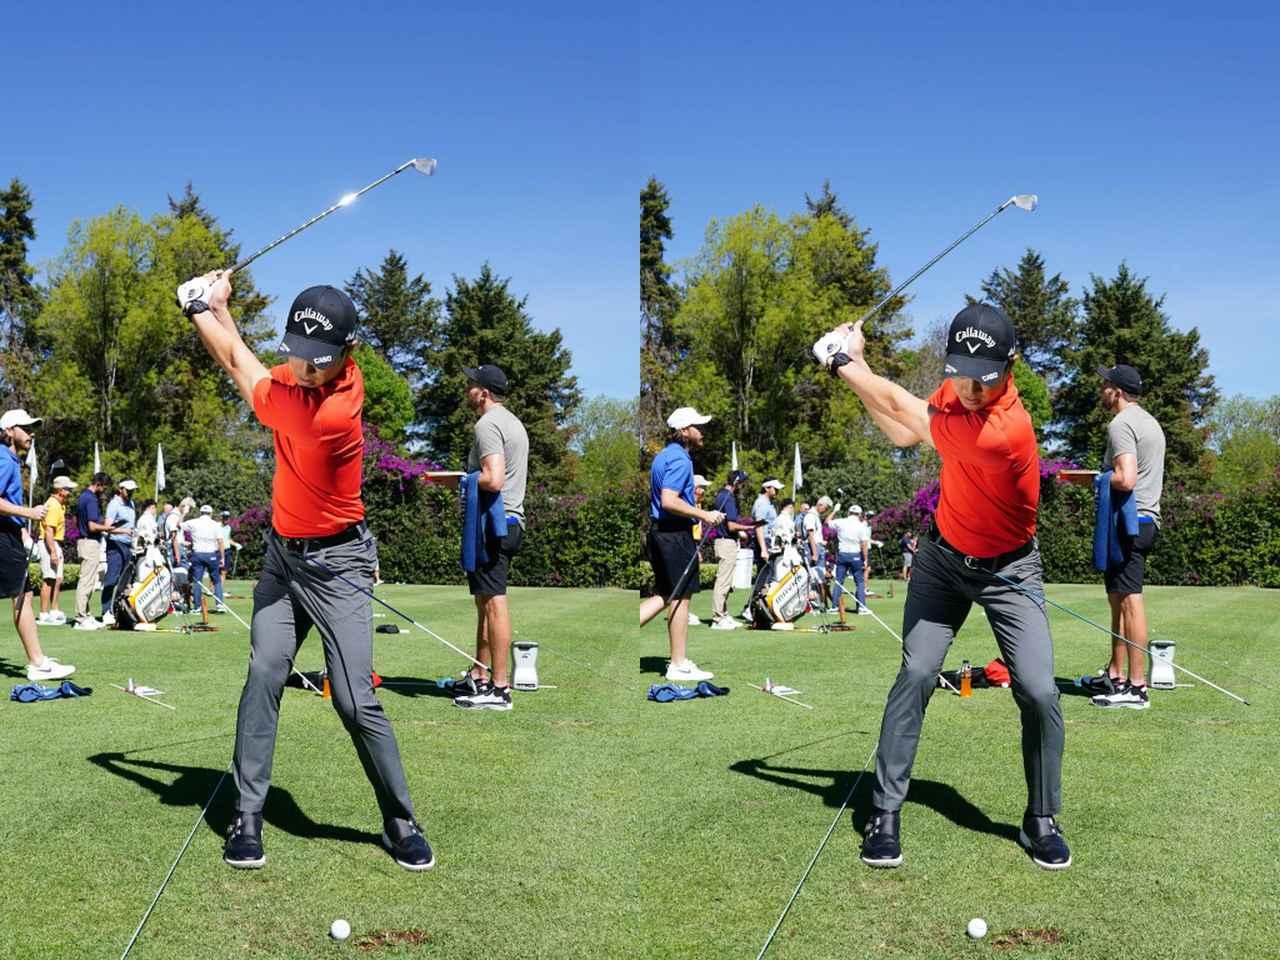 画像: 切り返しで踏み込んだときに、棒が下向き(地面を向く)ようなイメージで練習していると石川はいう